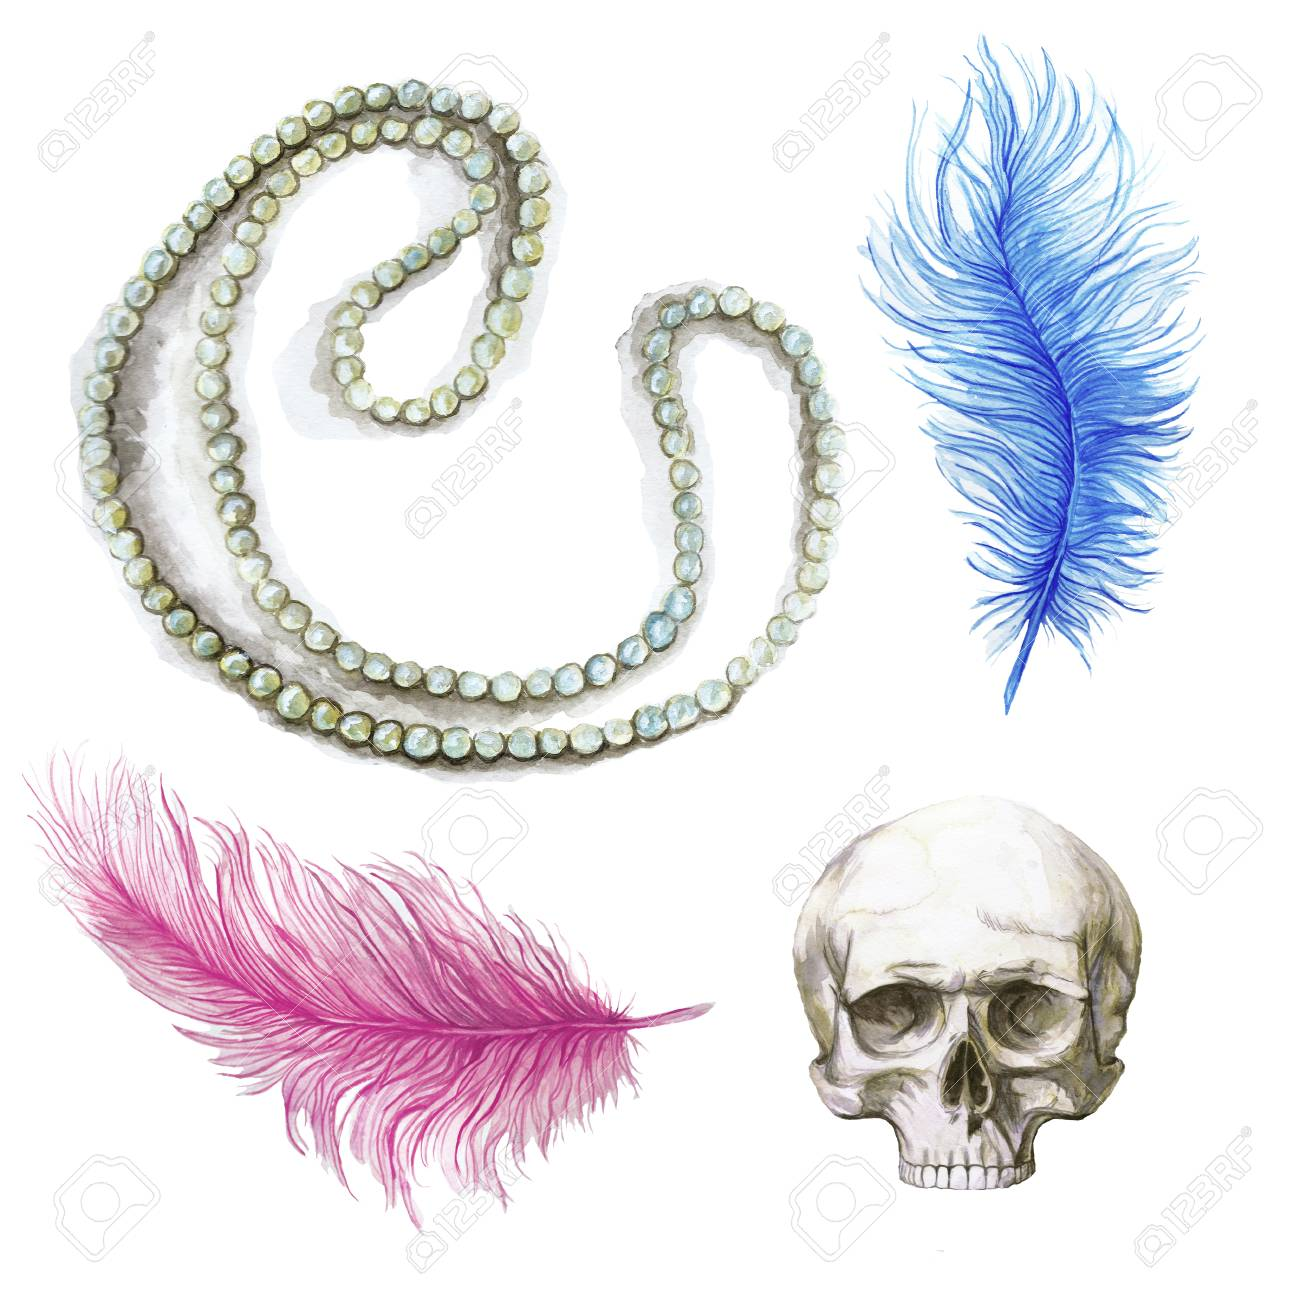 Dessin Aquarelle Plumes Plume Bleue Plume Rose Crâne Humain Pour Halloween Dessin Composite Plumes D Autruche Sur Fond Blanc Pour Les